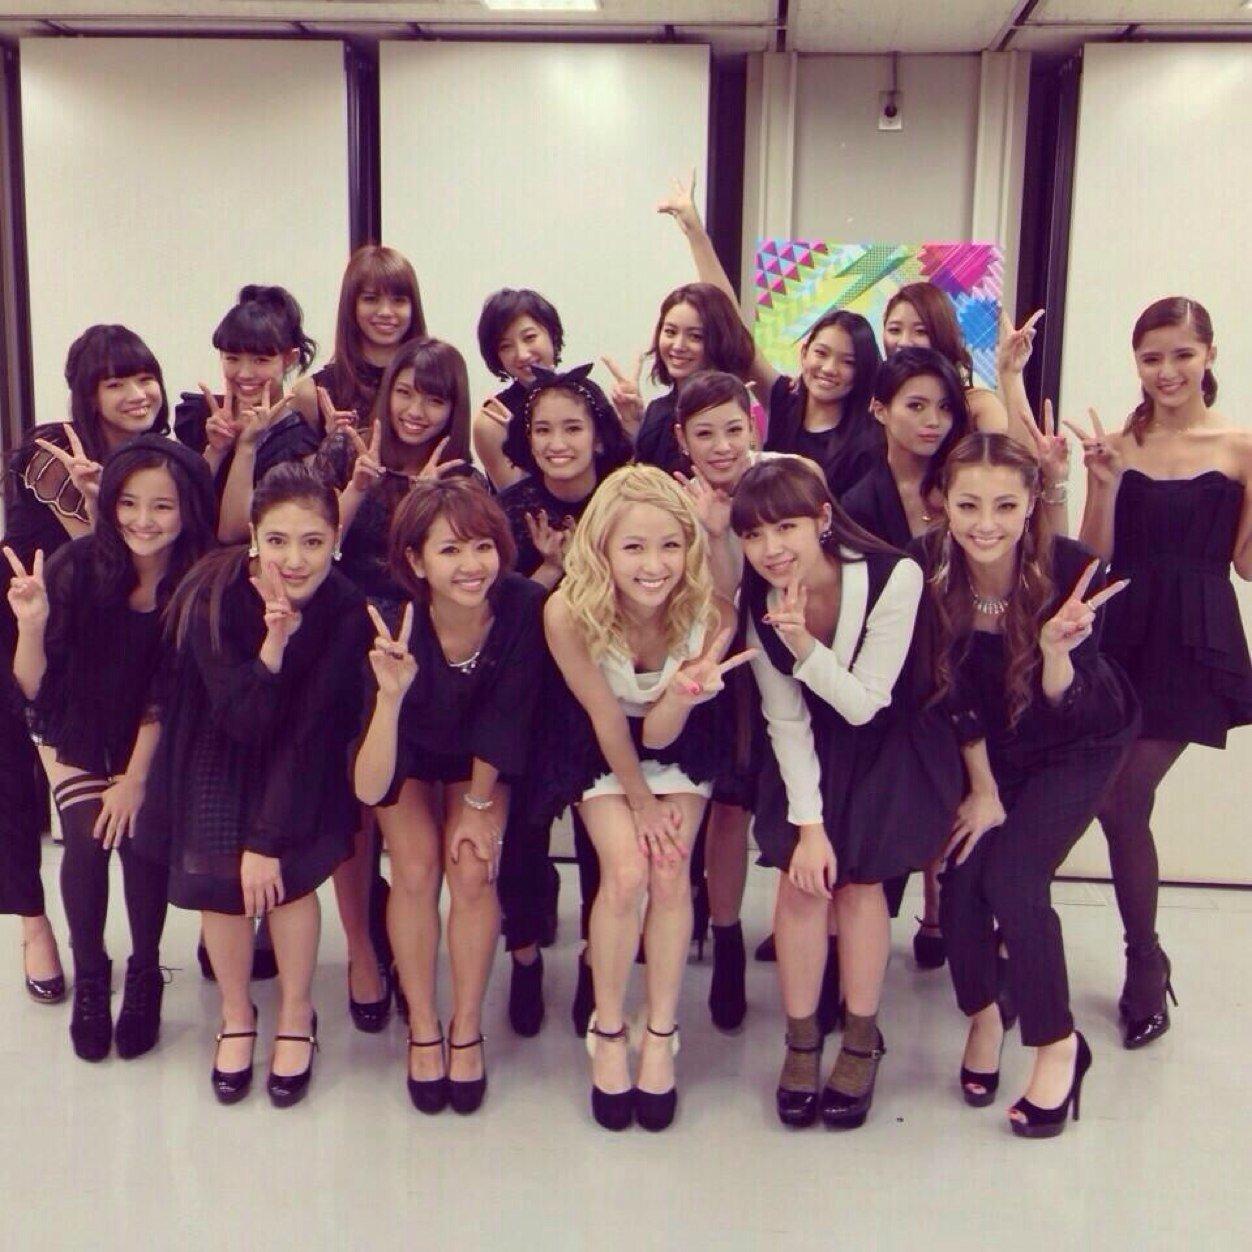 【エンタメ画像】E-girlsメンバーの年齢★★★★★★★★★★★★